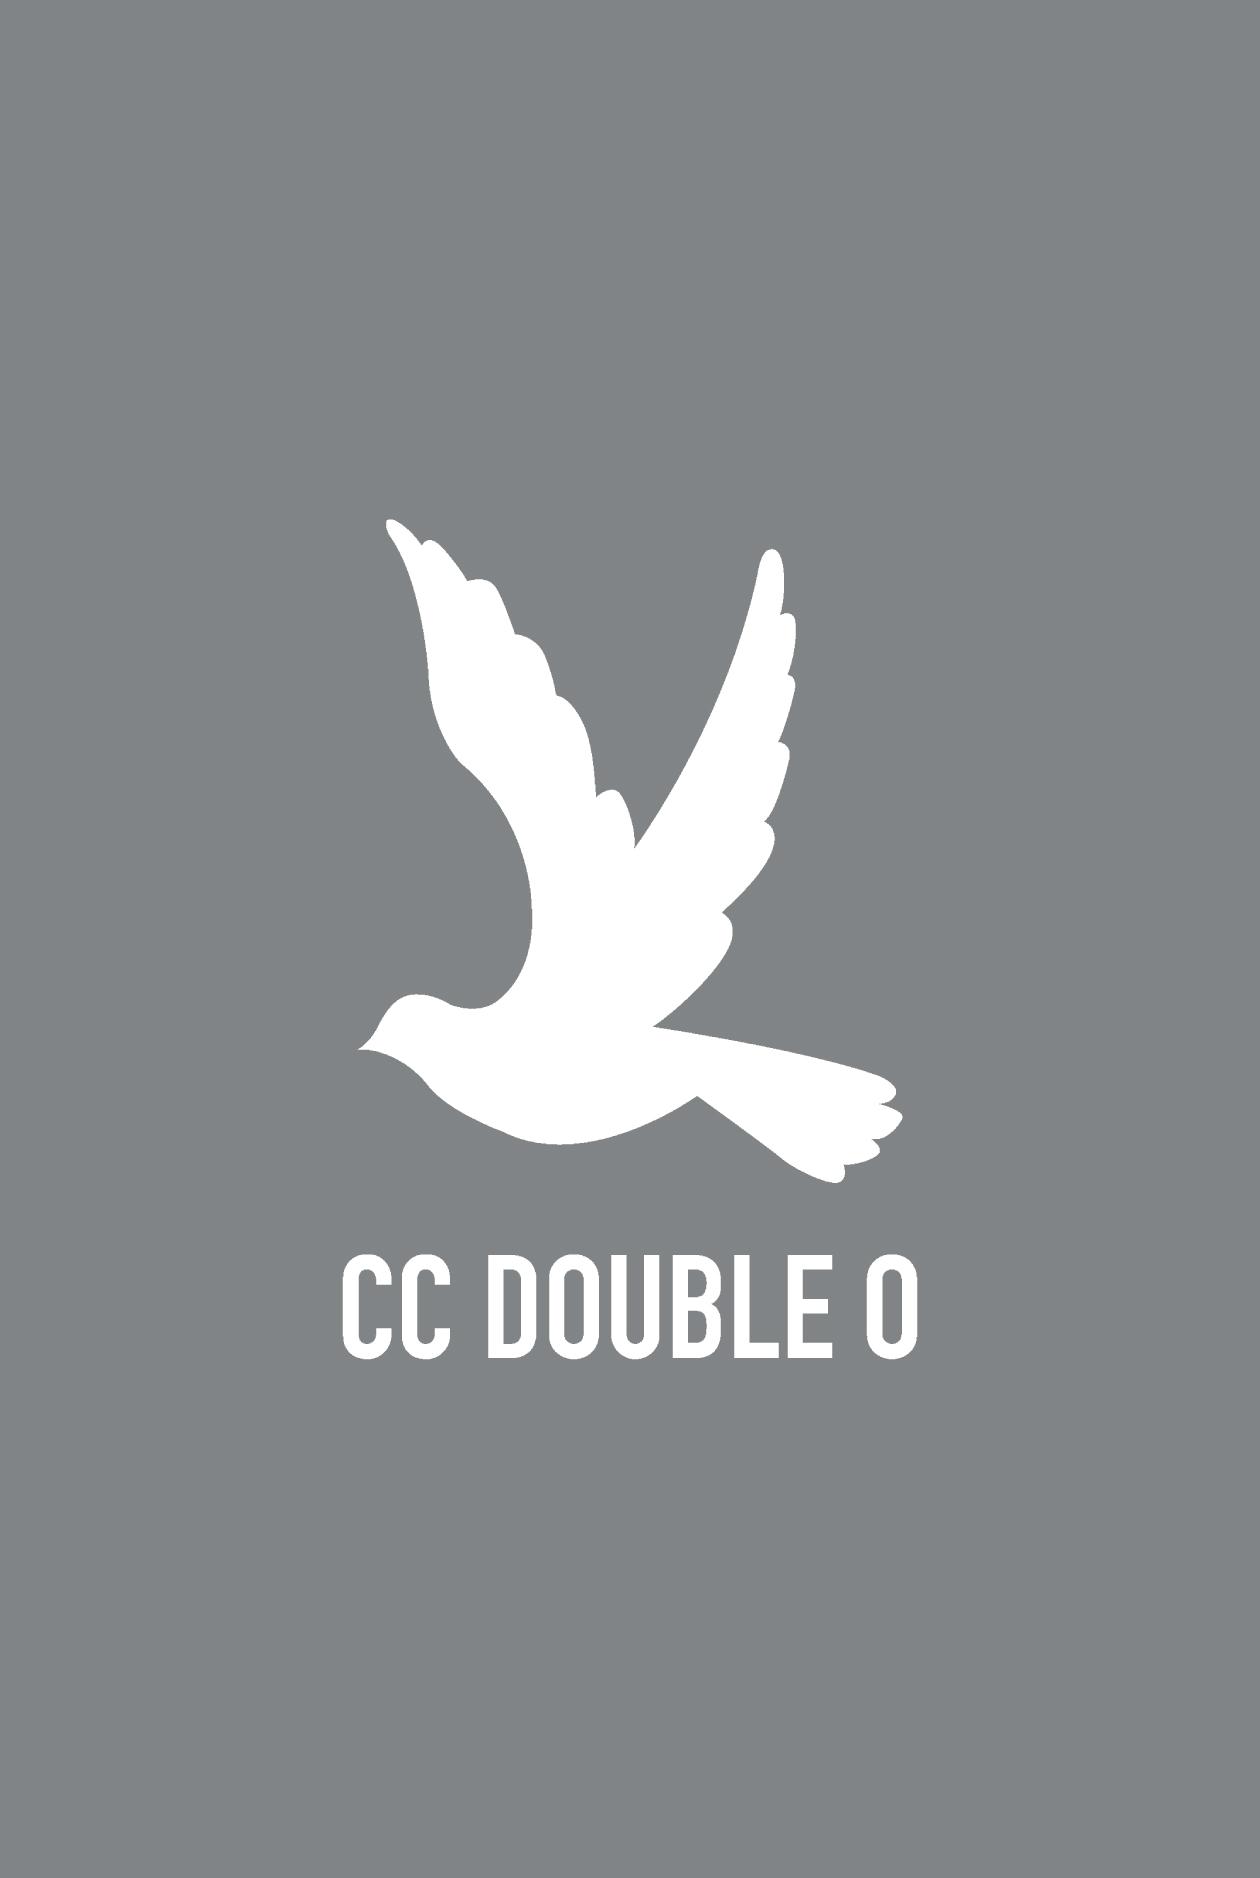 d6762c0458f Corduroy Cap with CC DOUBLE O Badge Patch Detail - HATS - MEN - Accessories